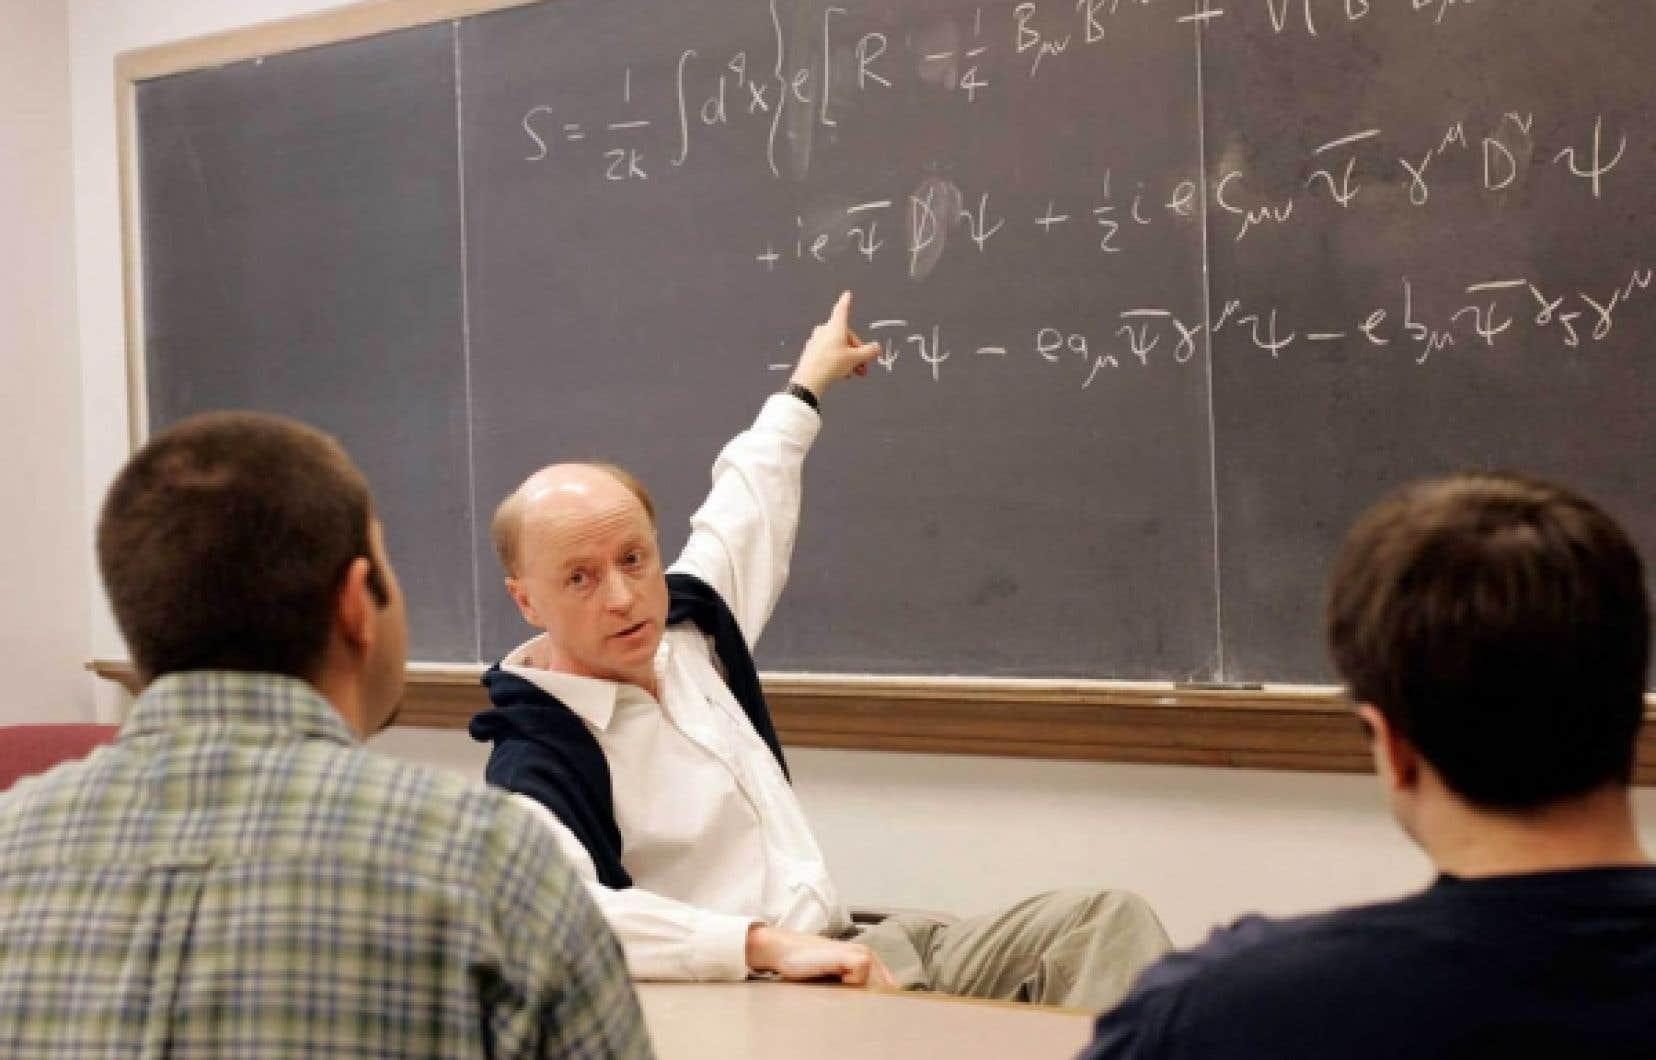 Le physicien Alan Kostelecky avait publi&eacute; il y a 26 ans un article dans lequel il formulait l&rsquo;hypoth&egrave;se que les neutrinos pouvaient voyager plus vite que la lumi&egrave;re. Le professeur se r&eacute;jouit de ces nouvelles observations qui donnent du poids &agrave; sa th&eacute;orie, qui se veut une extension du mod&egrave;le standard.<br />